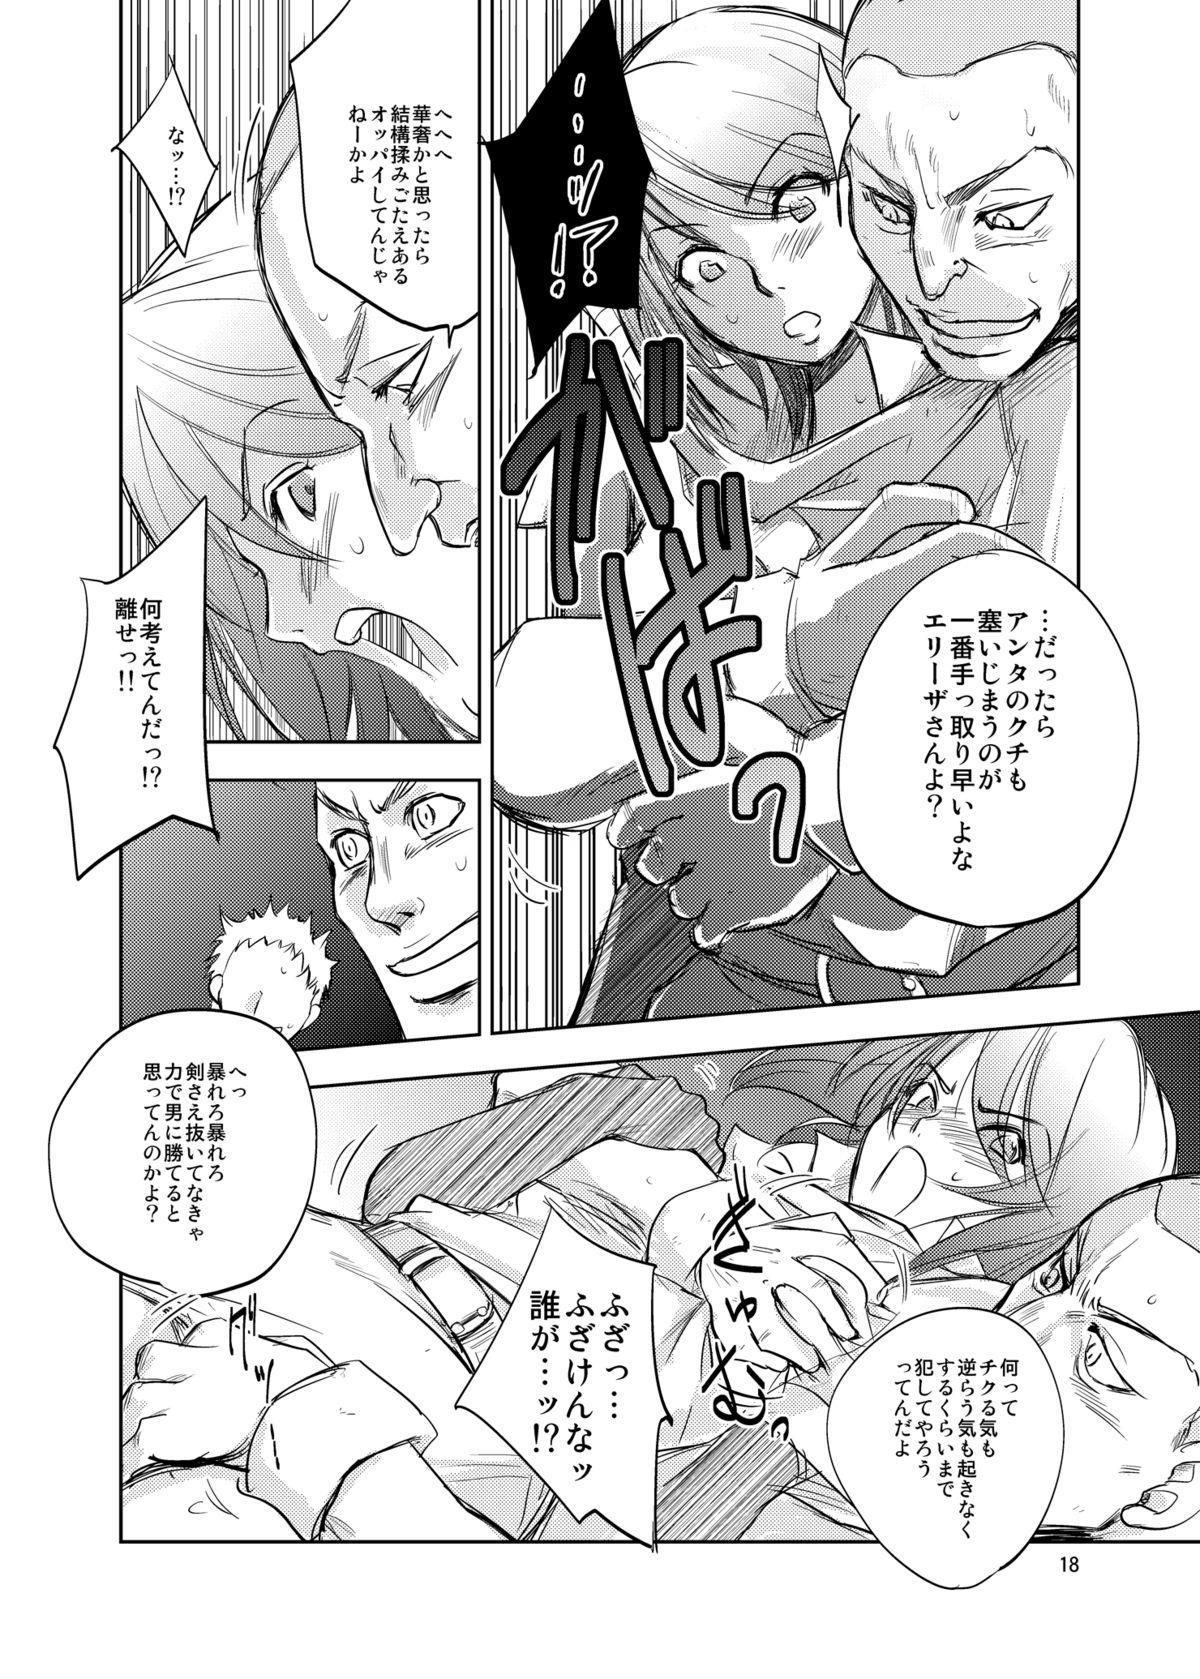 GRASSEN'S WAR ANOTHER STORY Ex #01 Node Shinkou I 17